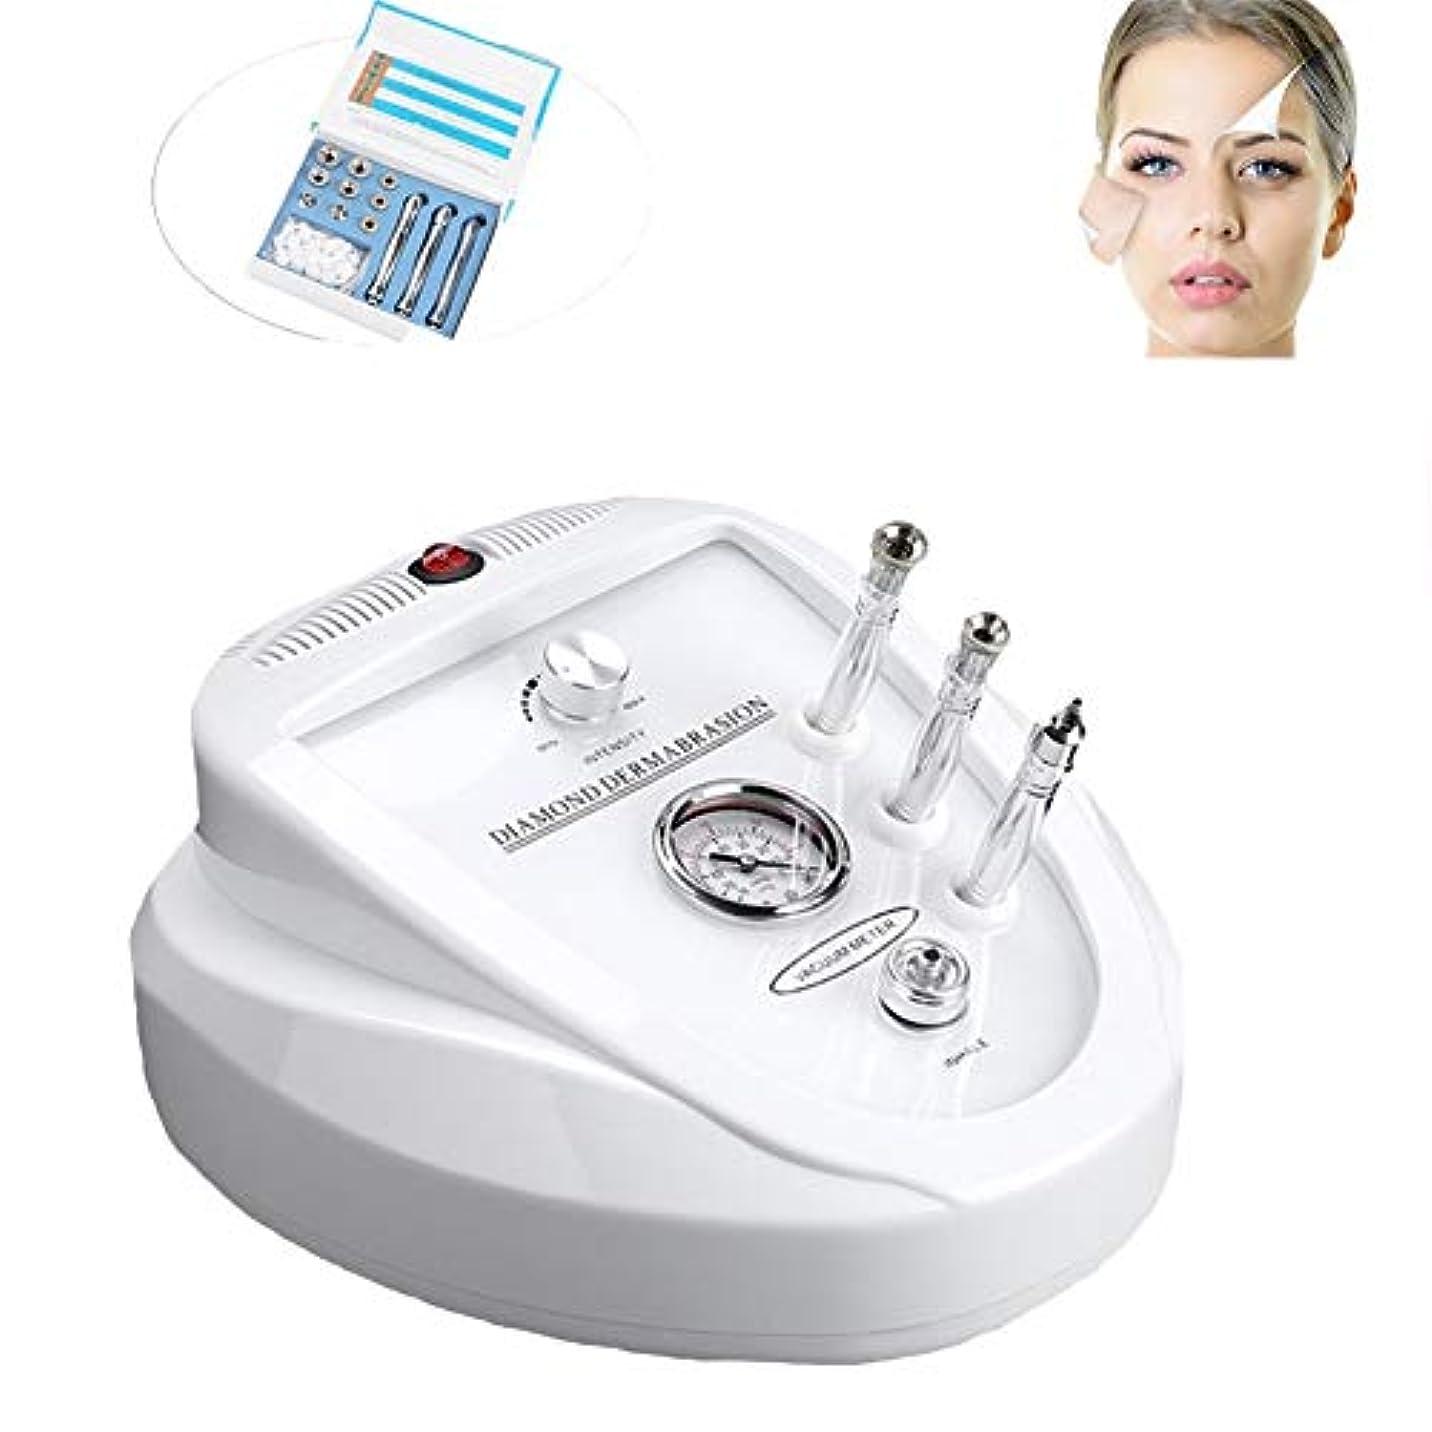 司教弱めるチョップ3-1 - ダイヤモンド皮膚剥離マイクロダーマブレーションマシン剥離皮膚更新機器